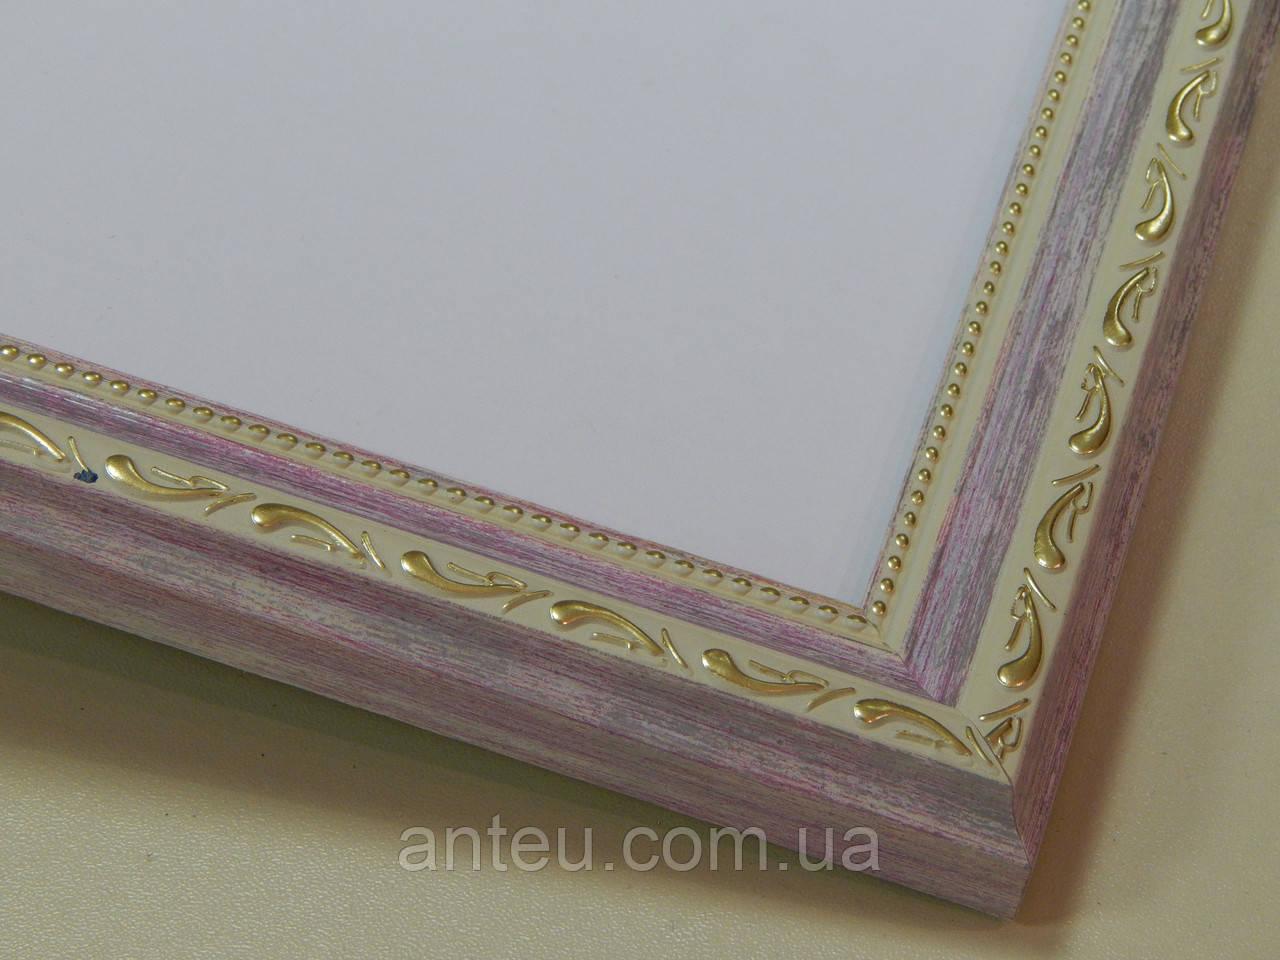 РАМКА А4 (297х210).25 мм.Розовый с орнаментом.Для фото,дипломов,картин.